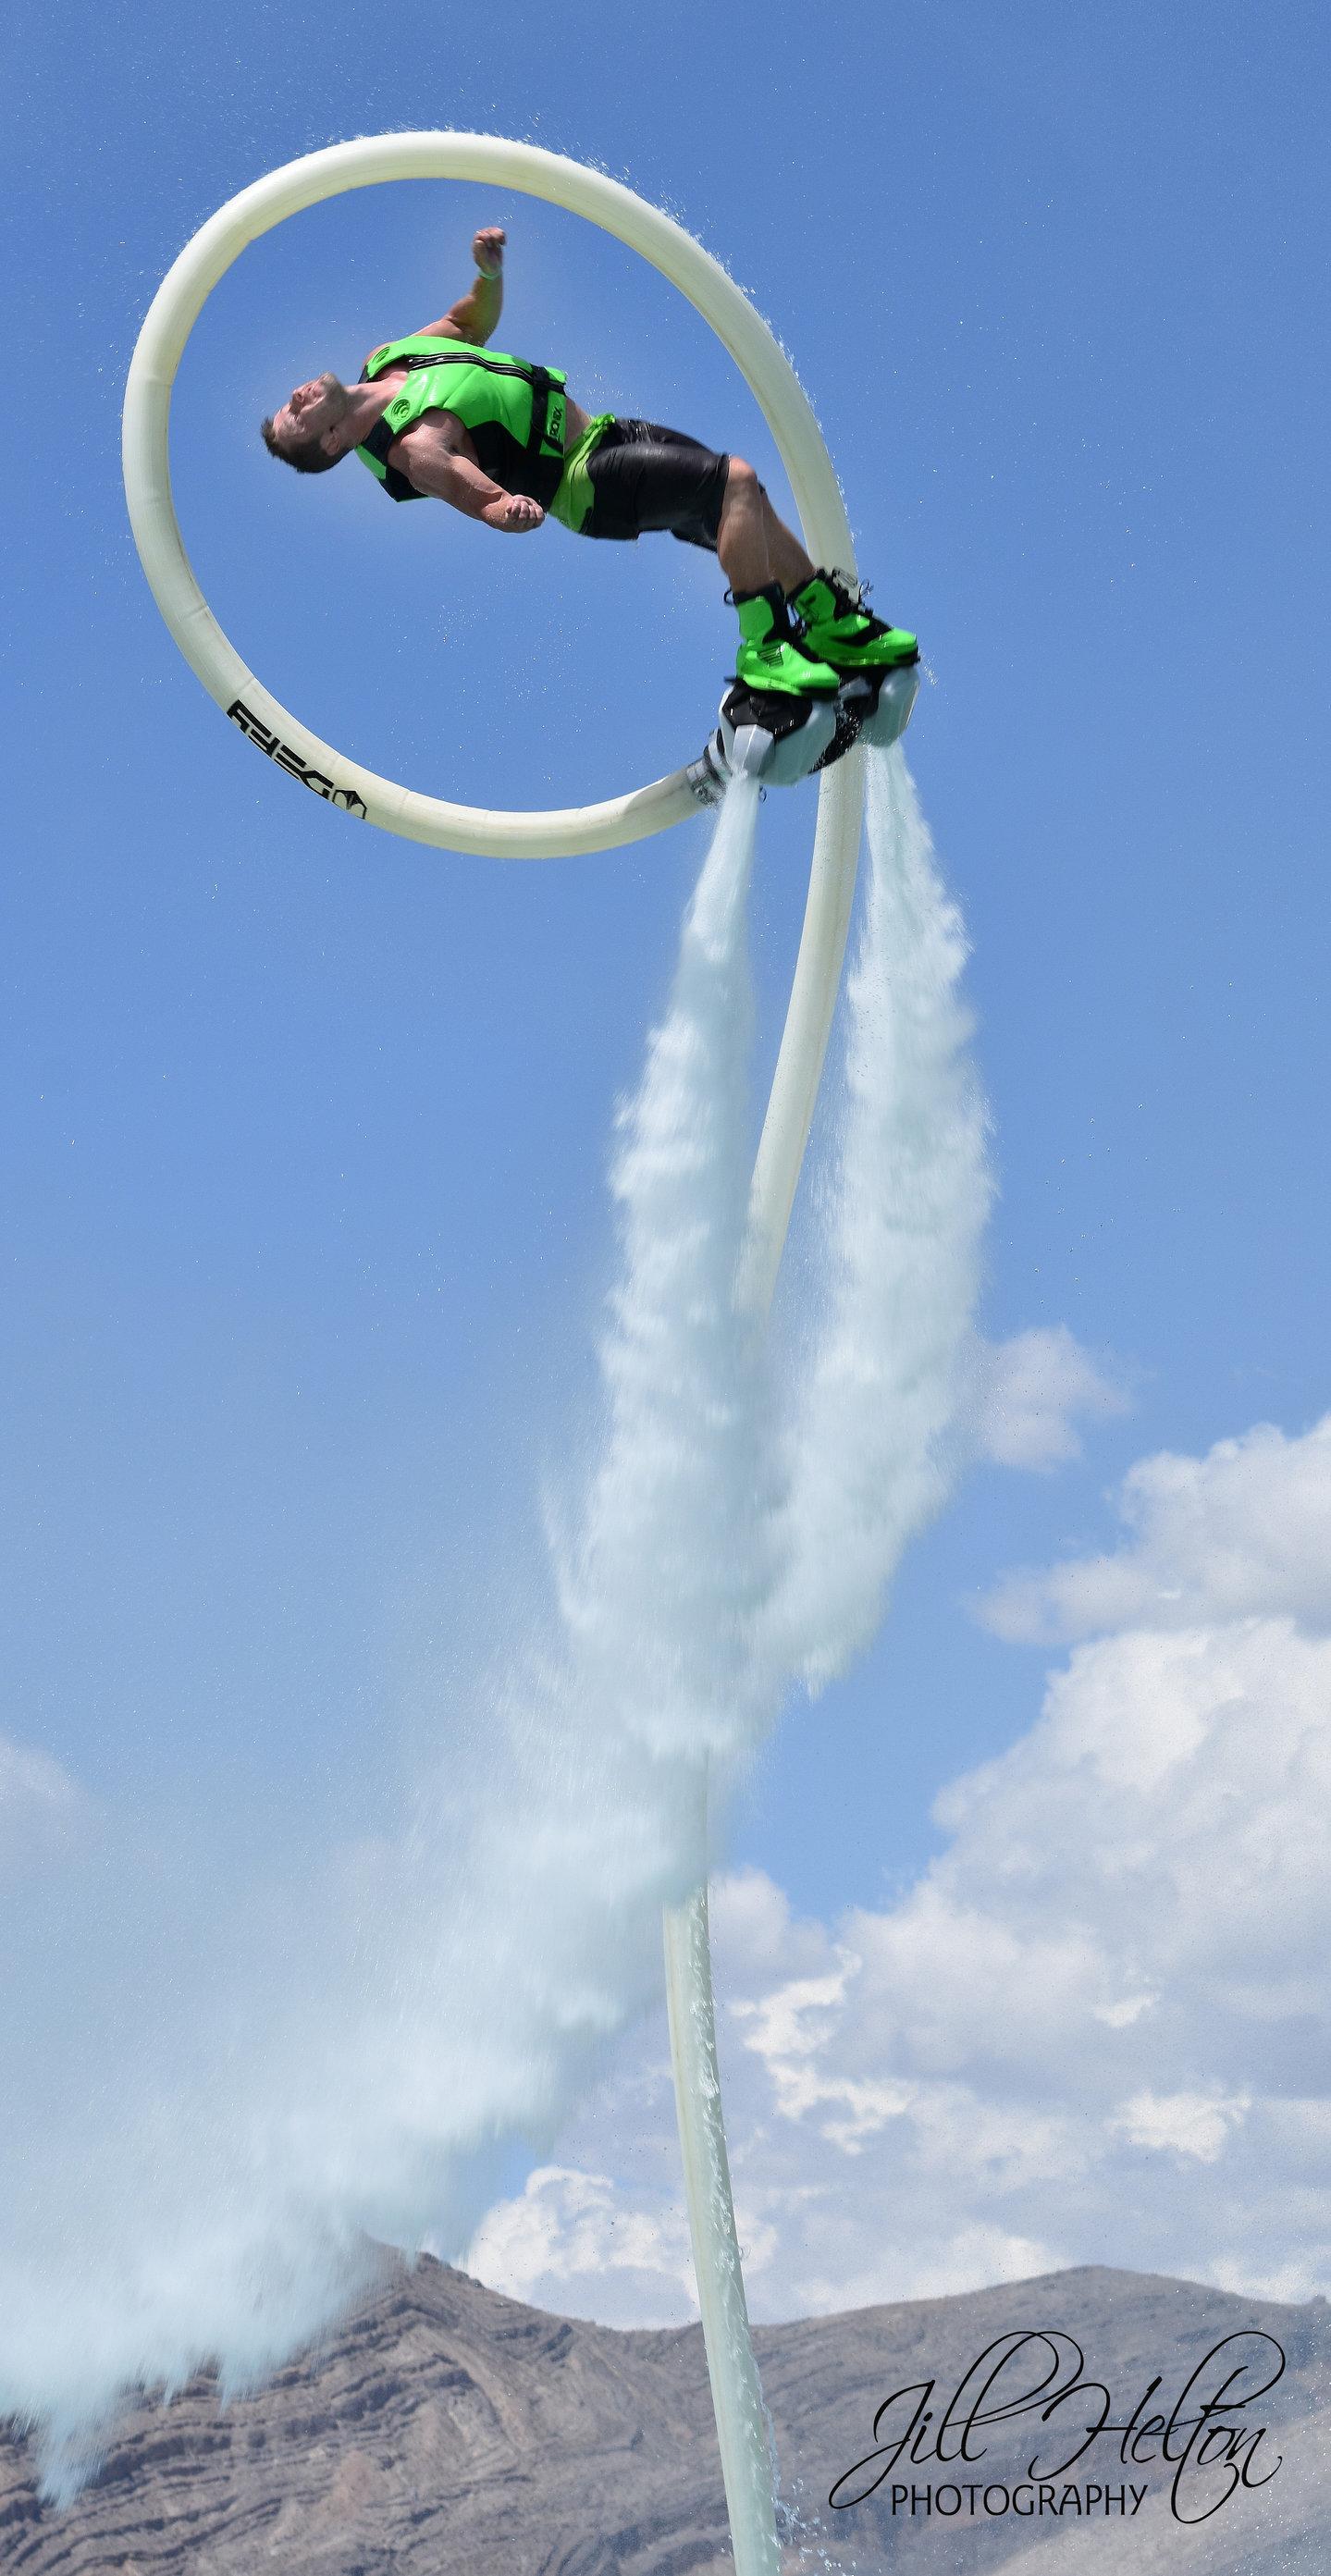 Scotty Knemeyer Pro JetDeck Flyer will perform Limerick